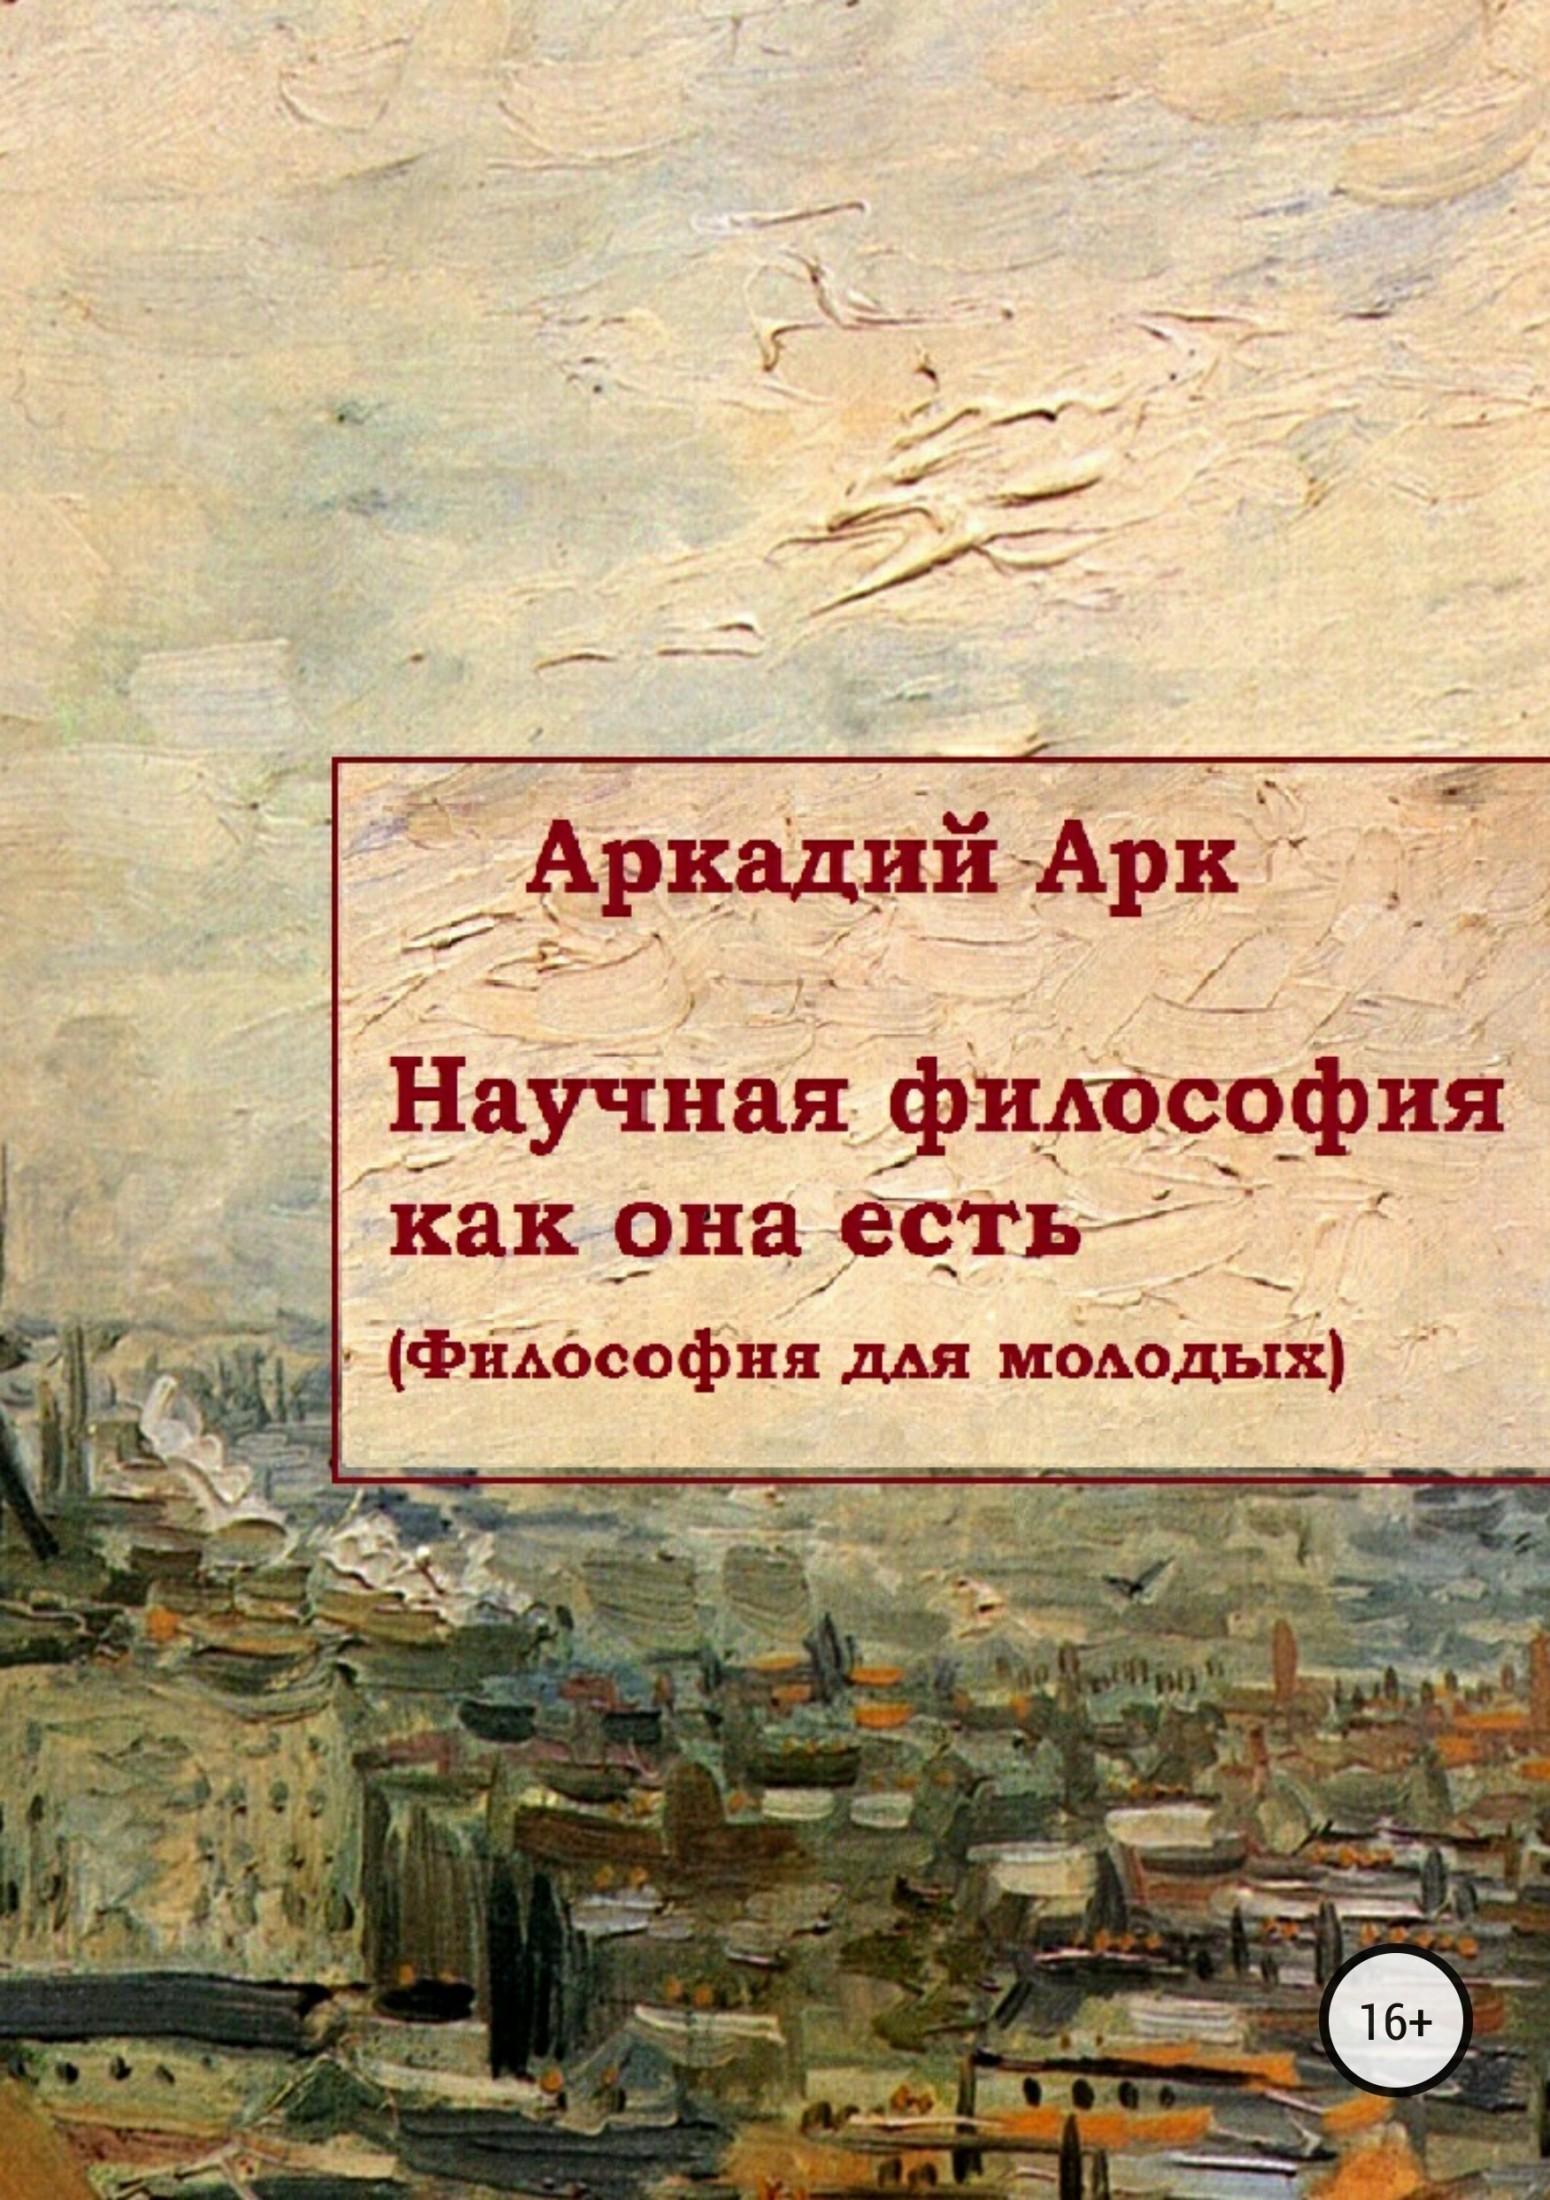 Аркадий Арк Научная философия как она есть аркадий арк критика вузовской философии на примере учебника л балашова